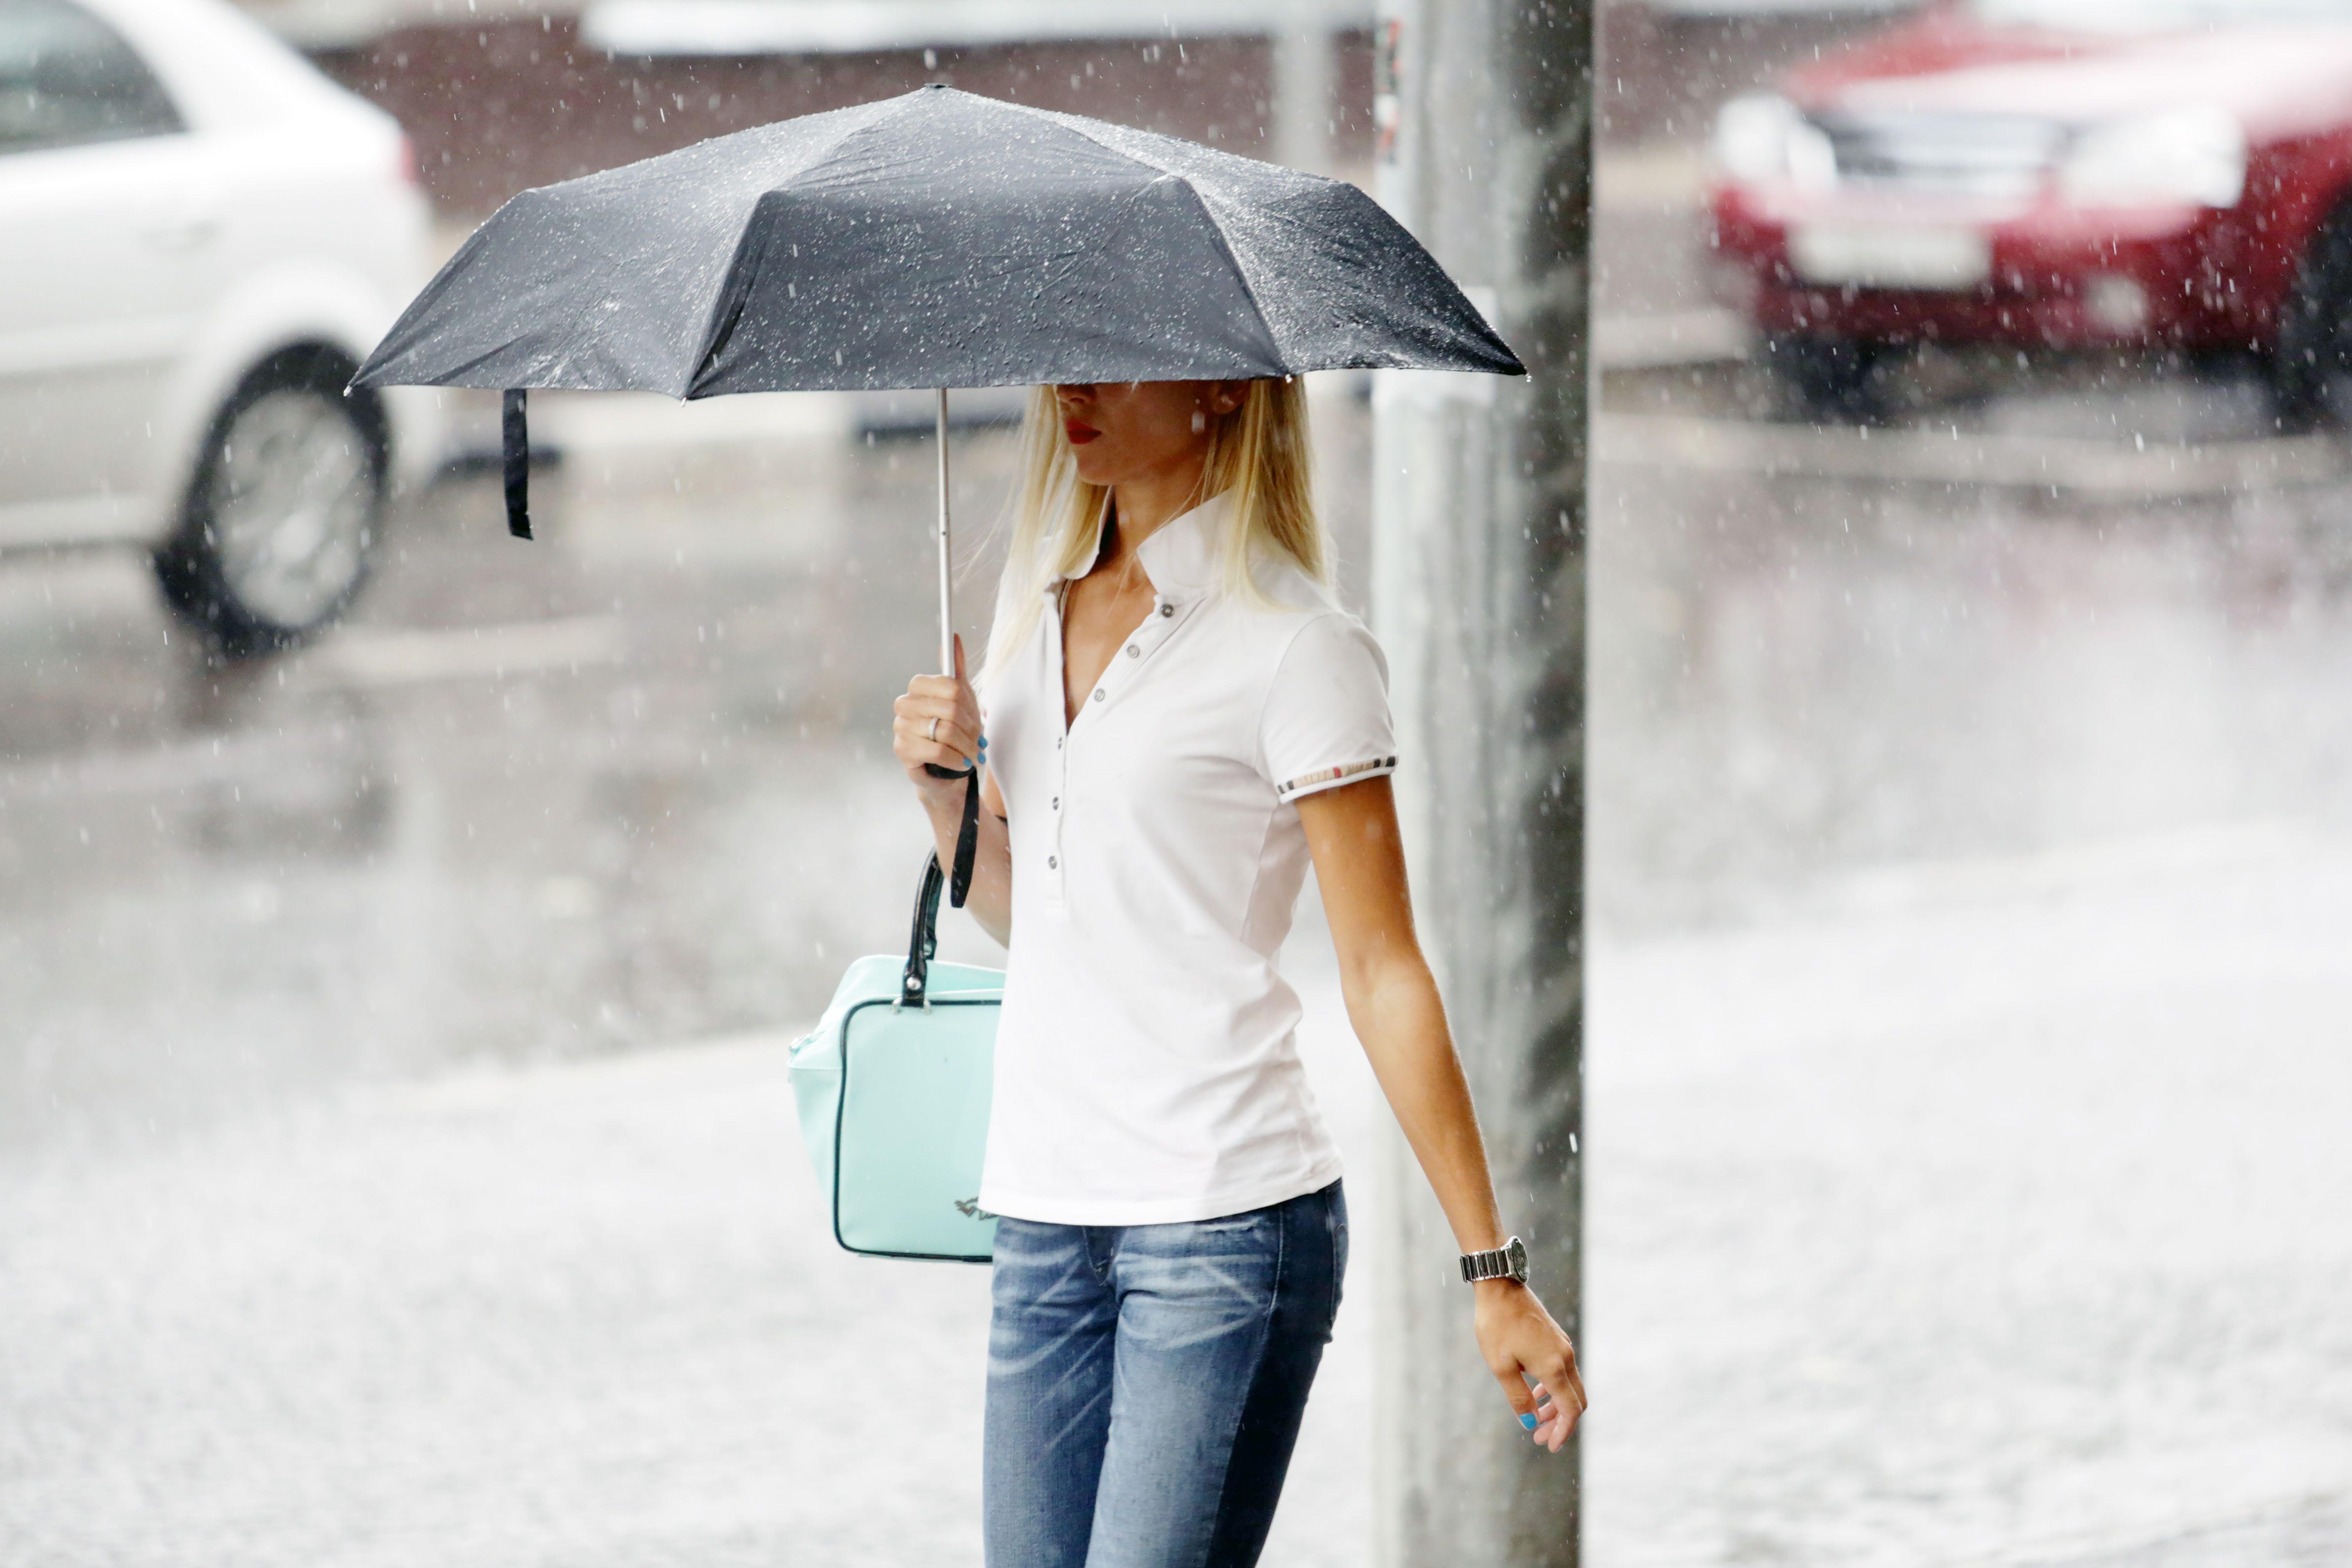 Московские выходные принесут прохладу и дождь